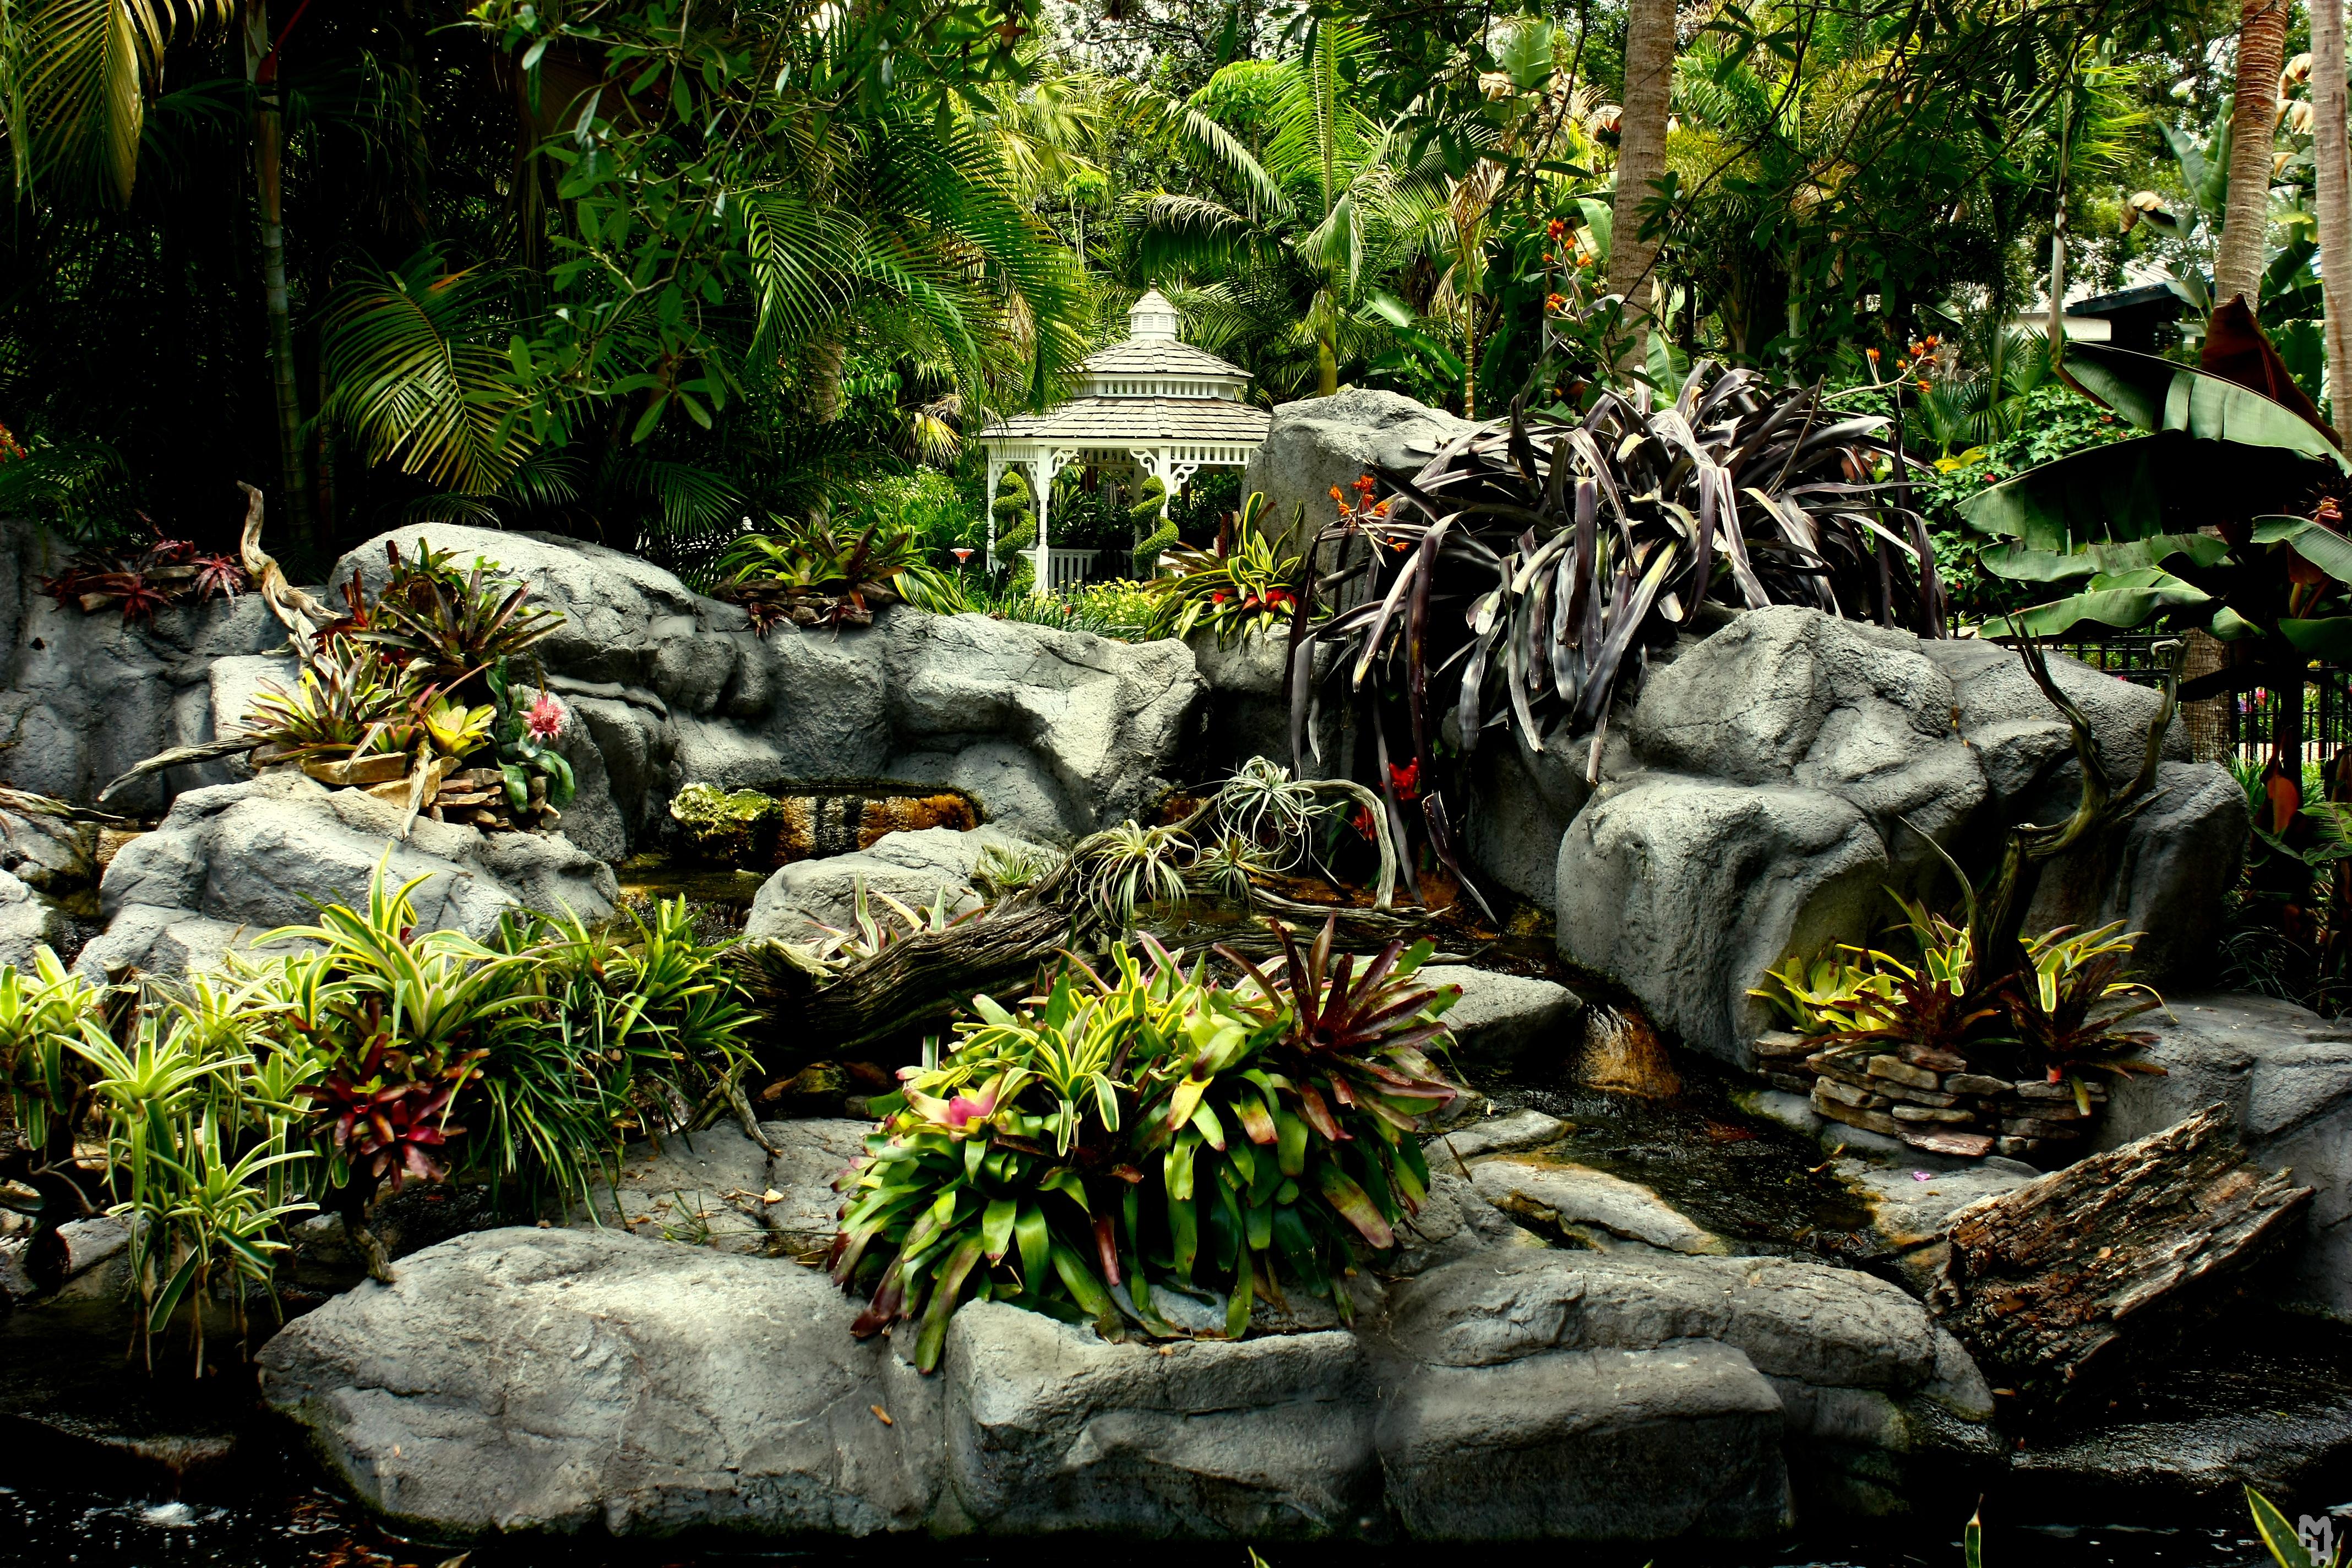 Enchanted Garden: File:Enchanted Garden (3533872529).jpg